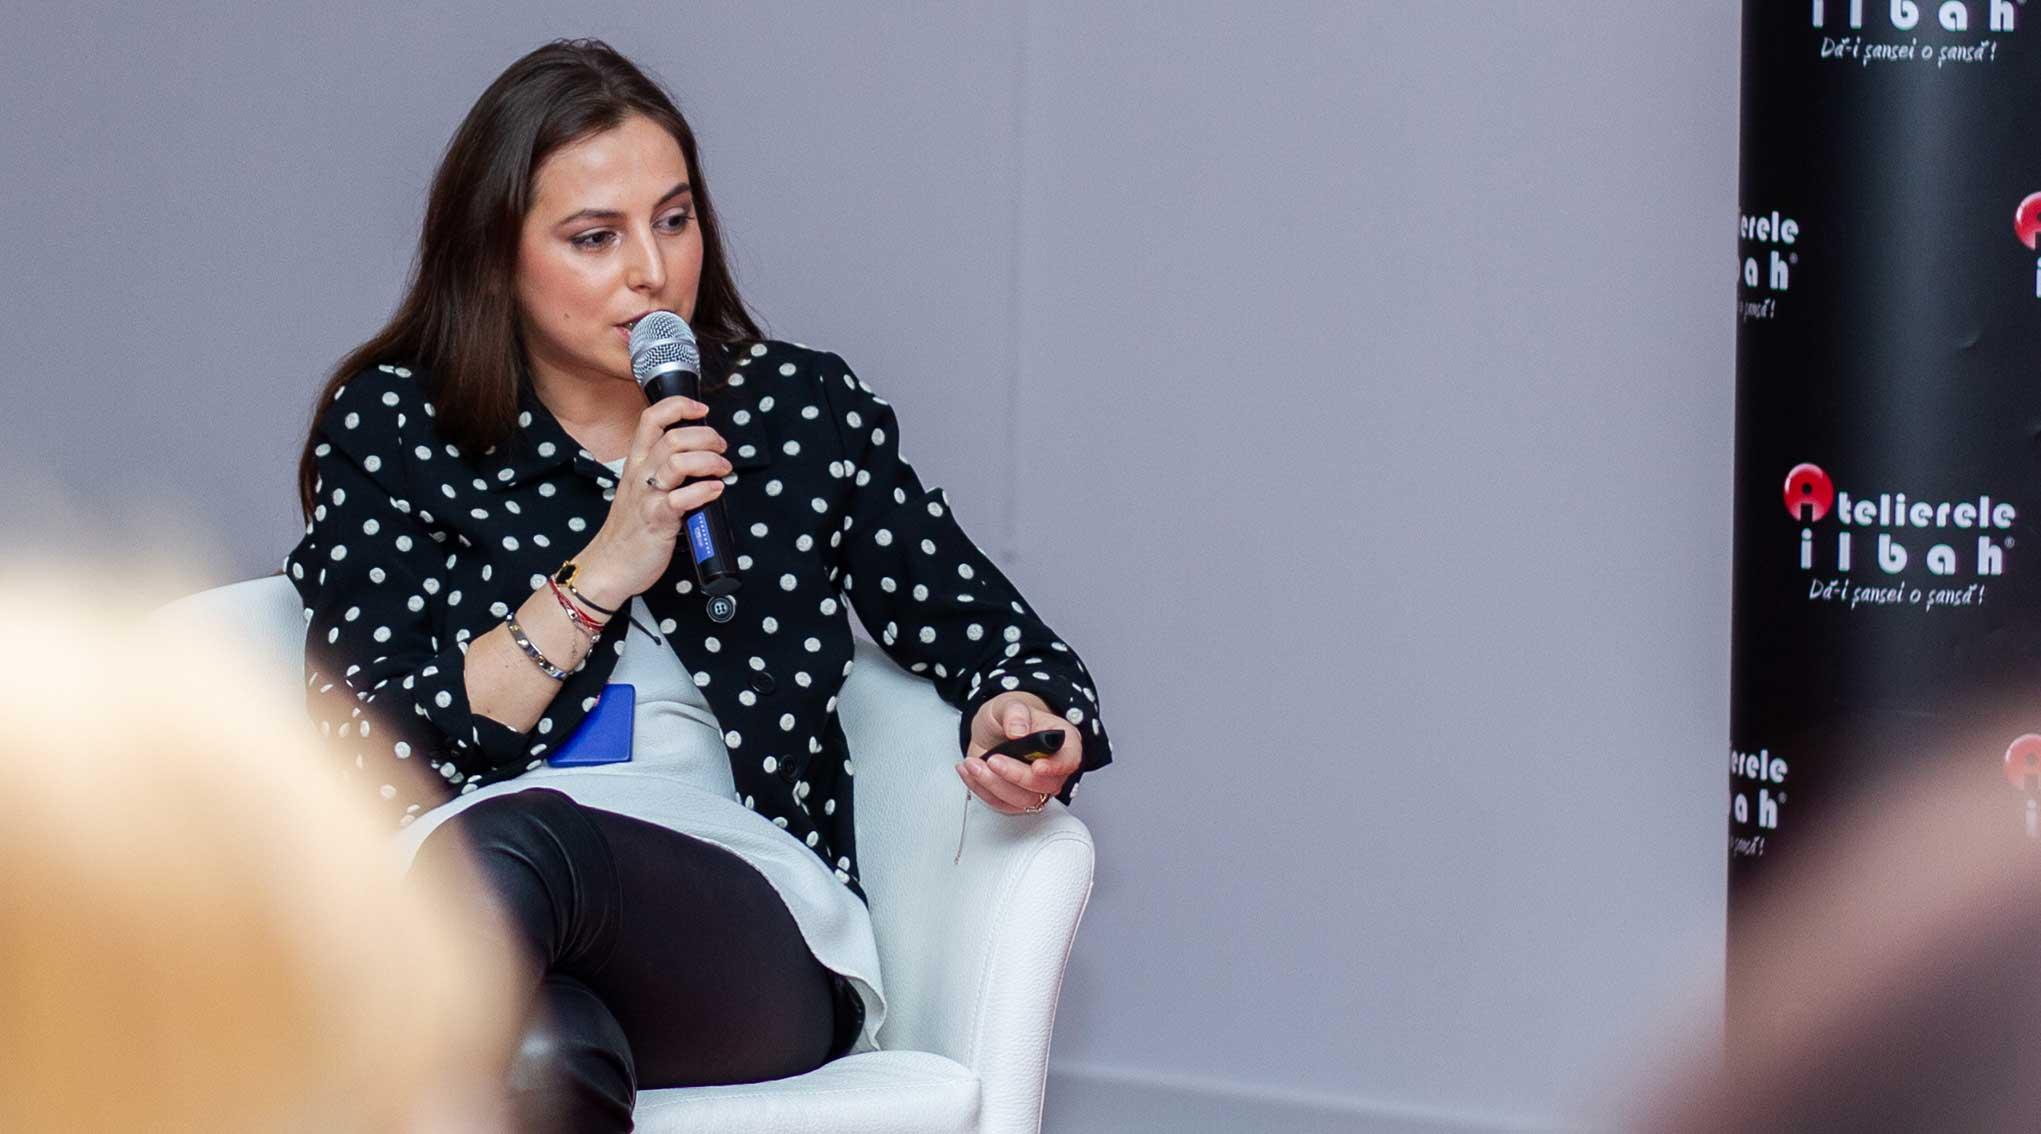 workshop-uri-demonstratii-si-conferinte-marca-atelierele-ilbah-pe-parcursul-a-4-zile-in-cadrul-romexpo-89